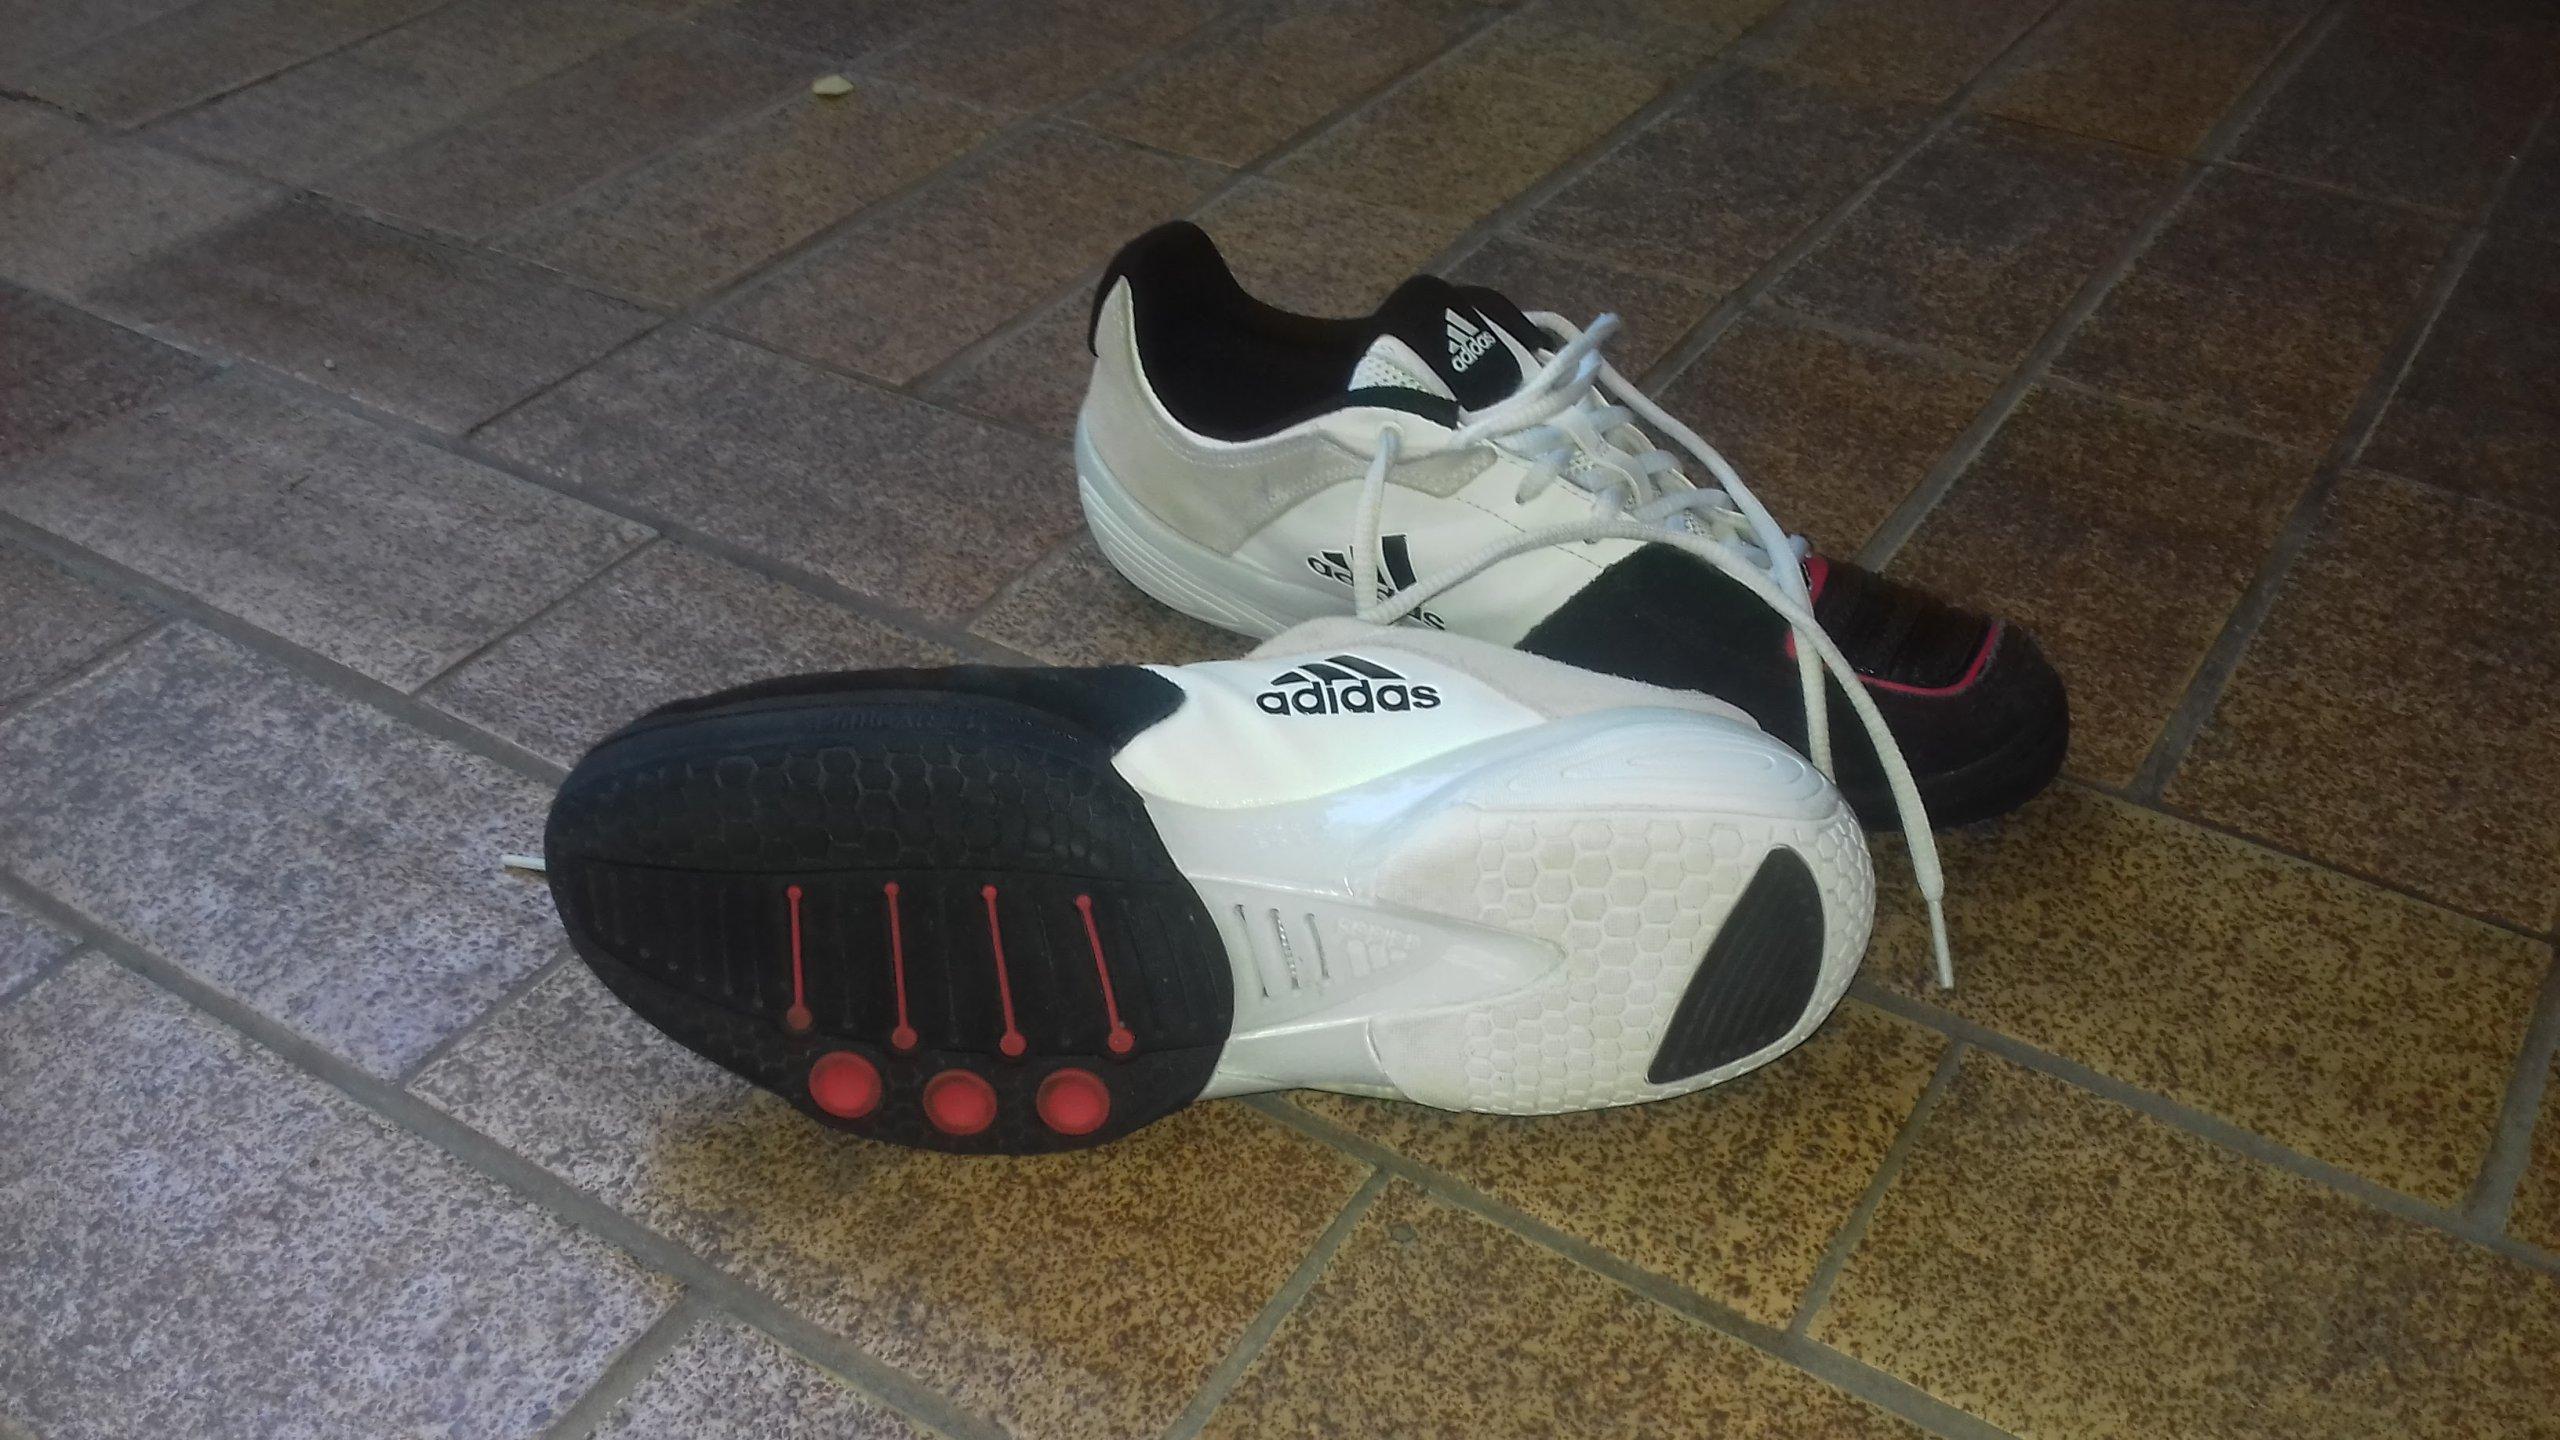 Buty Szermiercze D'artagnan Rozmiar Archiwalne 23 Adidas Iv